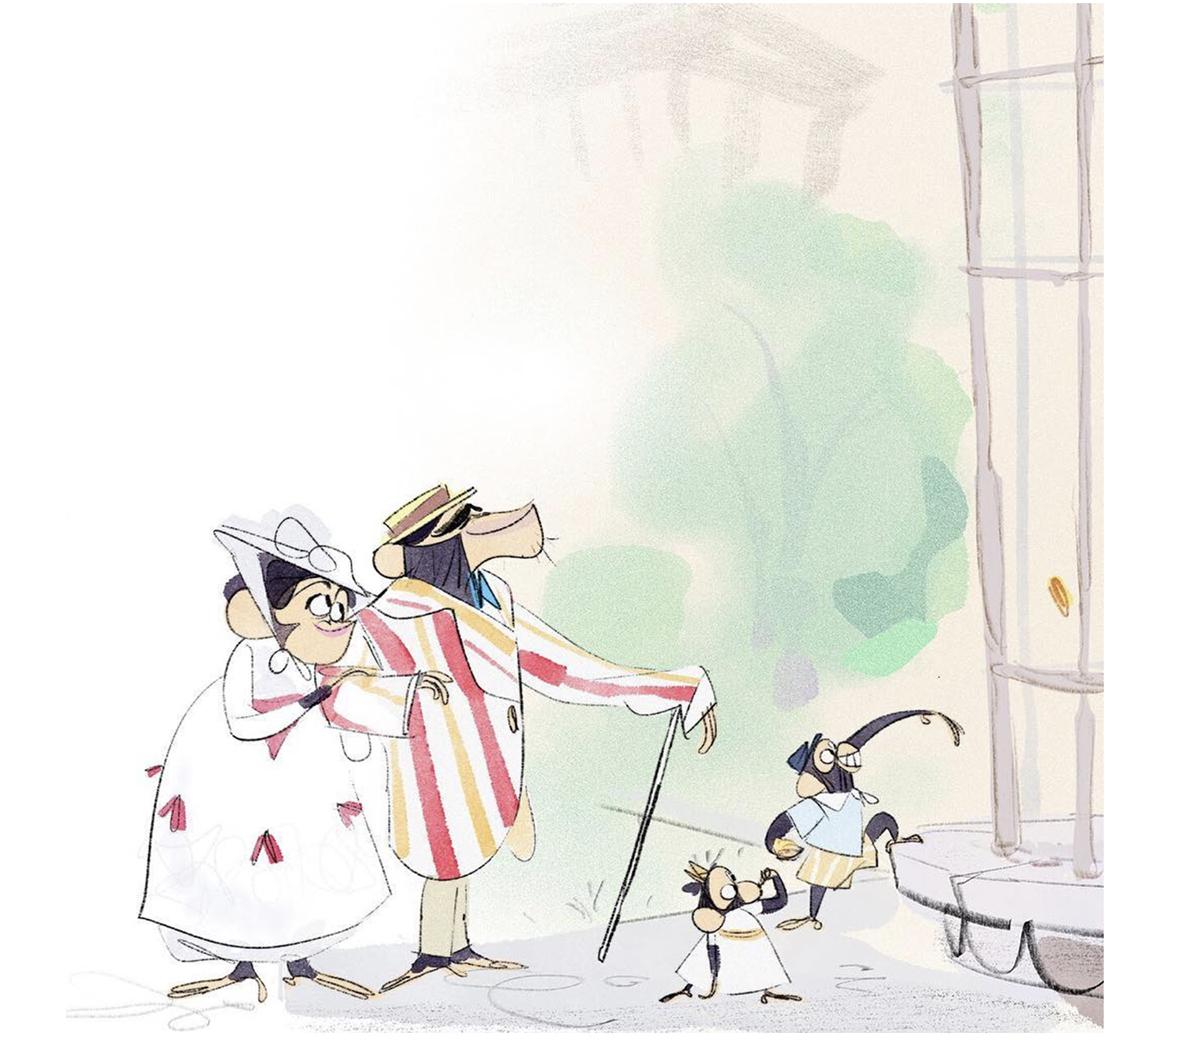 Character Designs Do Filme Mary Poppins Returns Por James